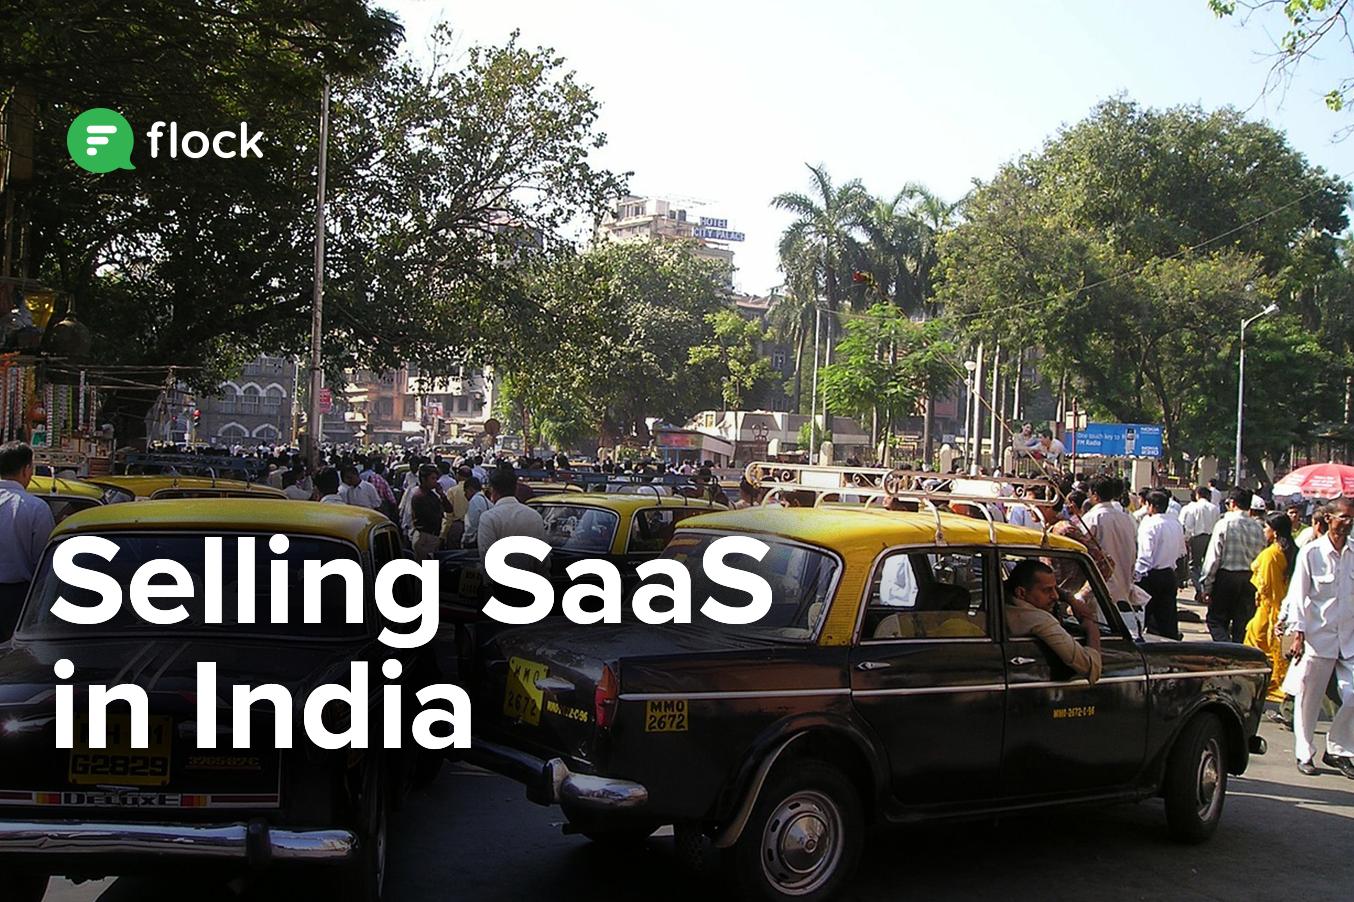 Selling SaaS in India